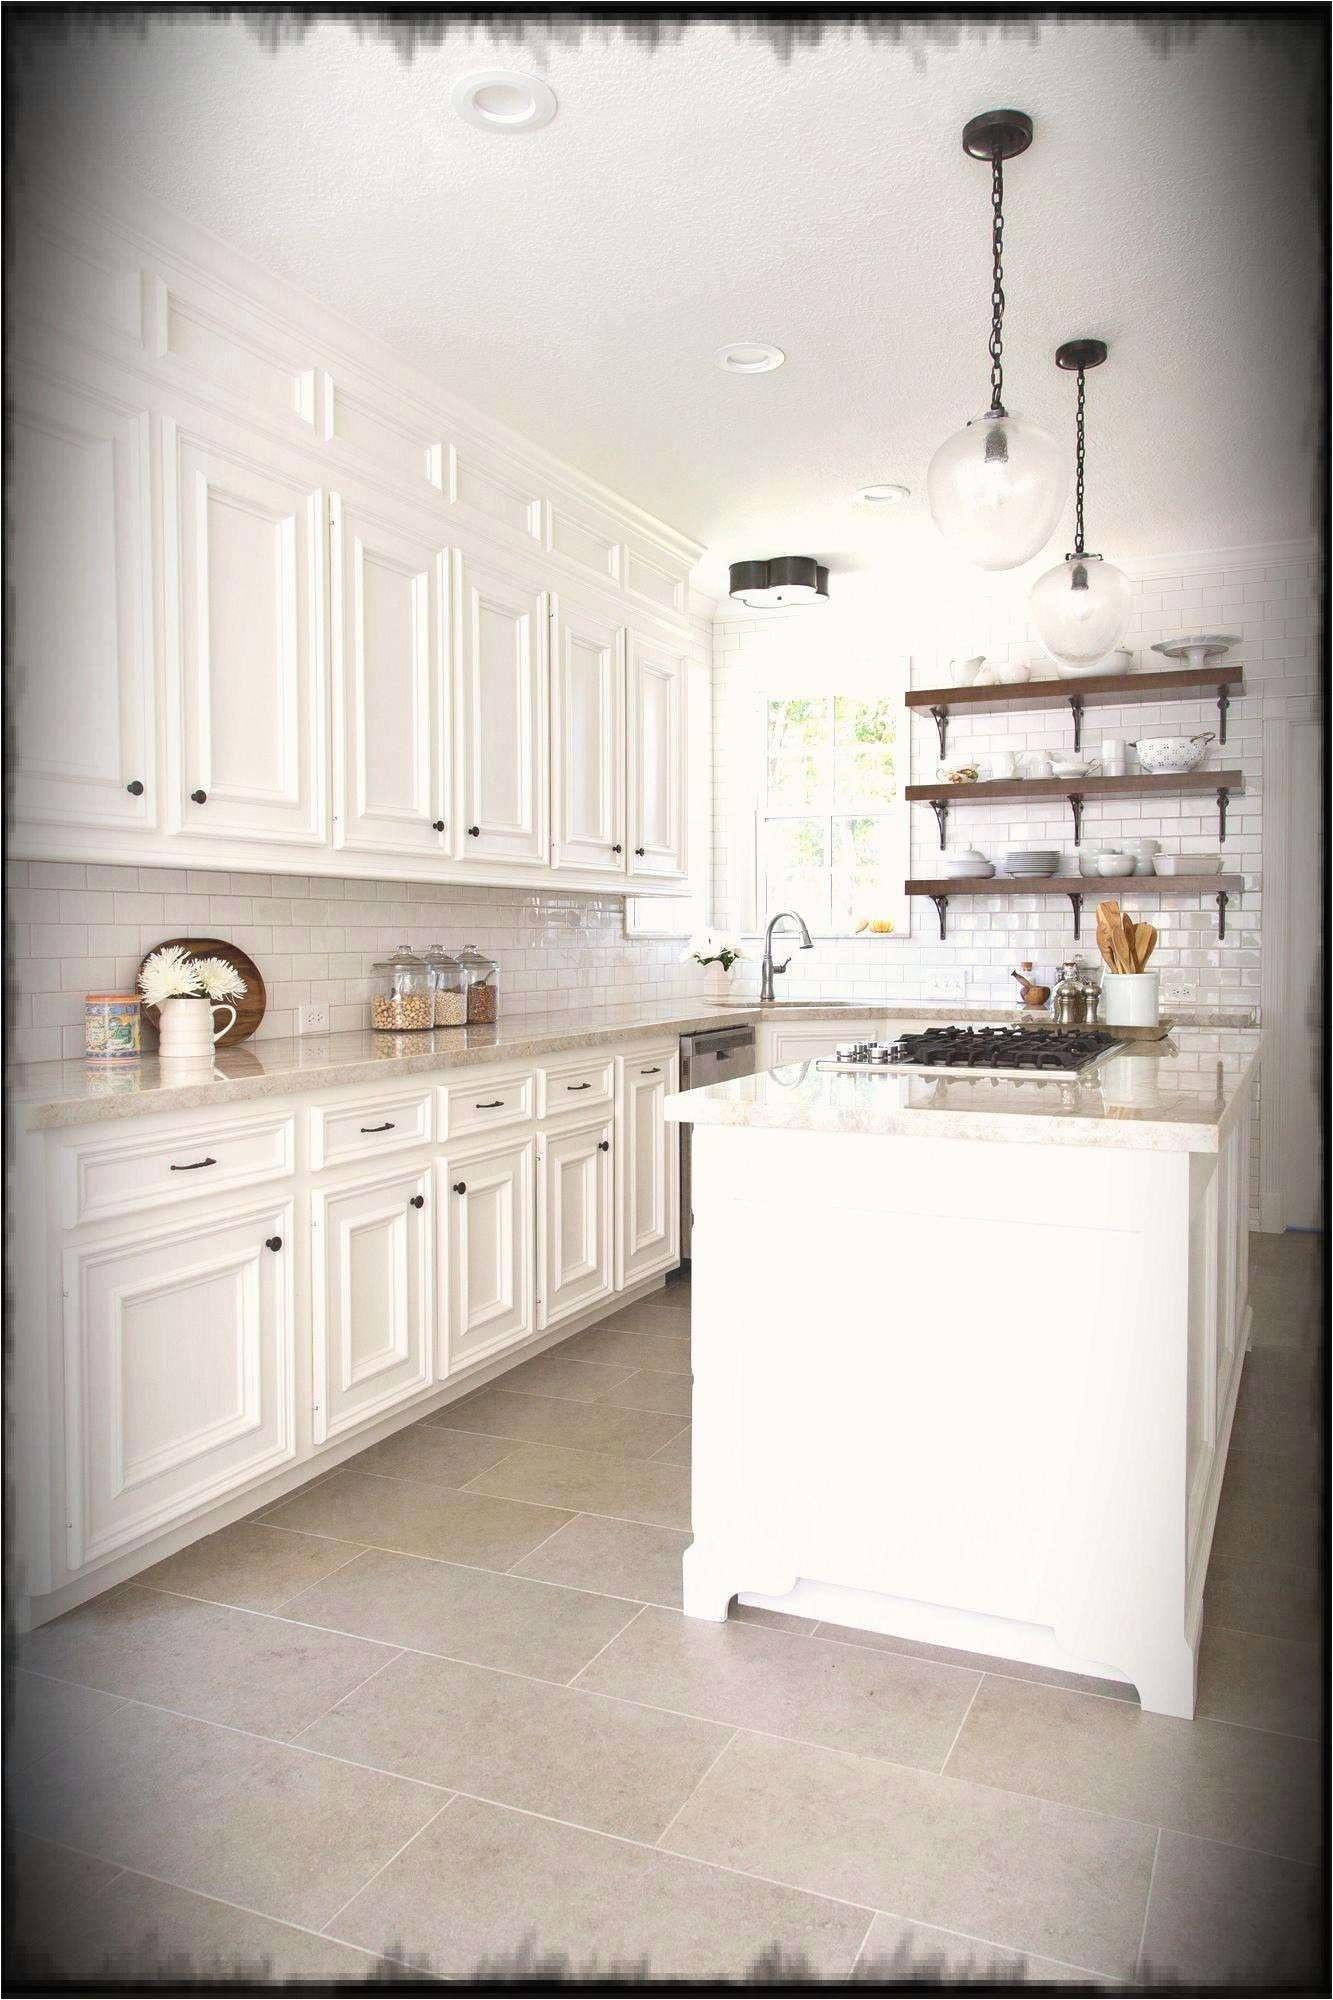 Tile Kitchen Floor Ideas Marvelous Cheap Vinyl Floor Tiles Floor Tiles for Home 0d Grace Place Barnegat